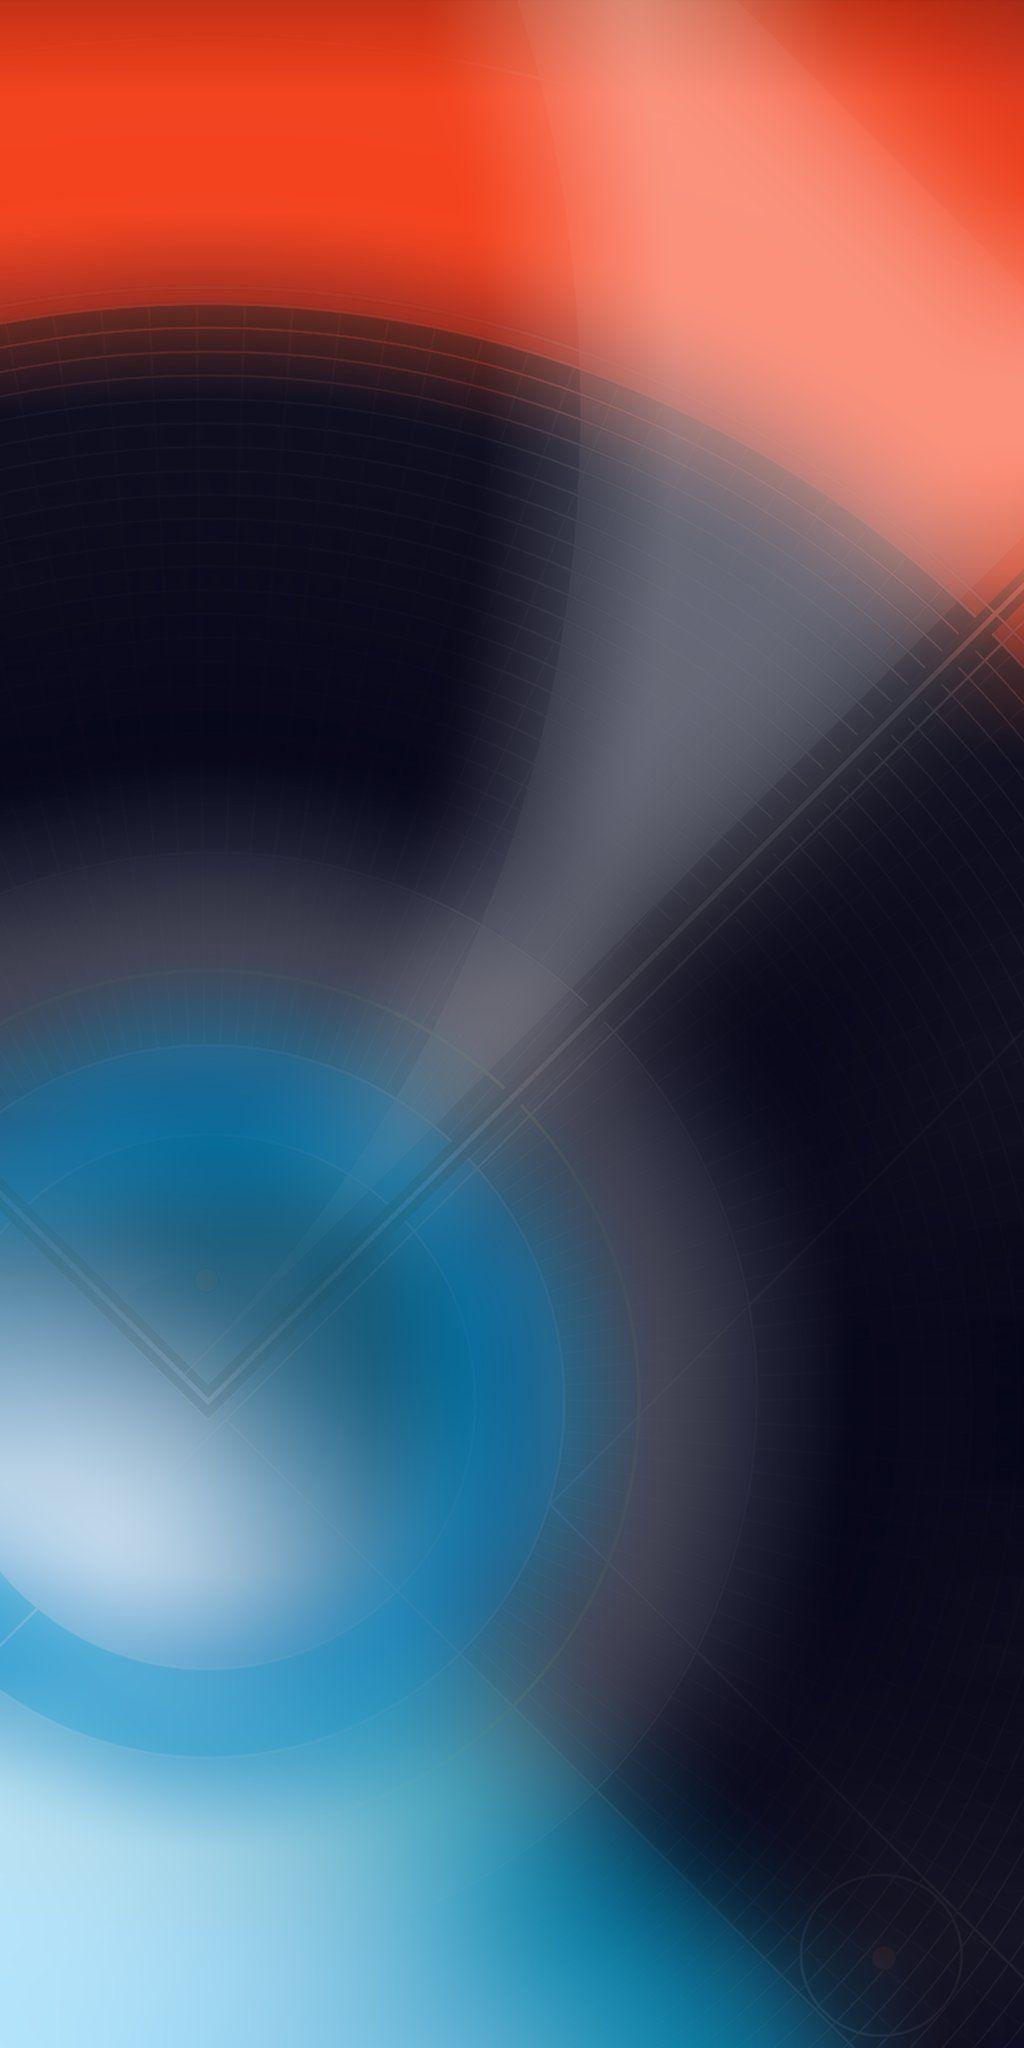 iPhoneX iOS11 iOS12 Lockscreen Homescreen